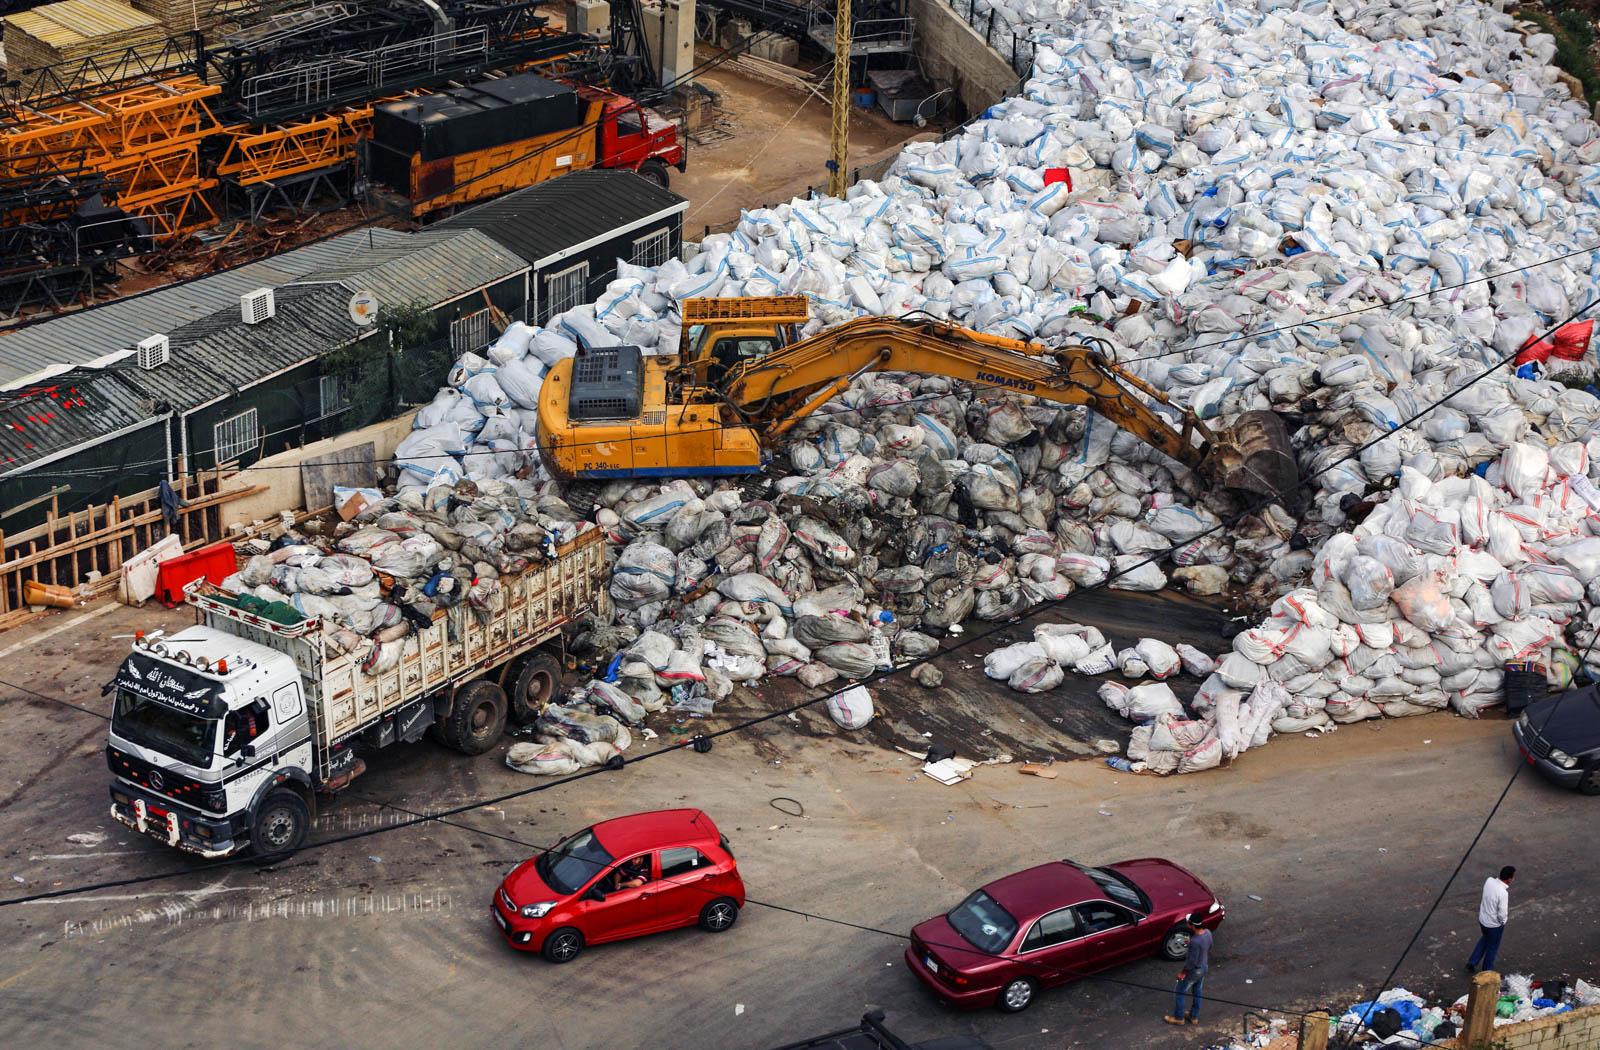 Груды мусора и грузовики для его вывоза (Бейрут, Ливан) (© AP Images)